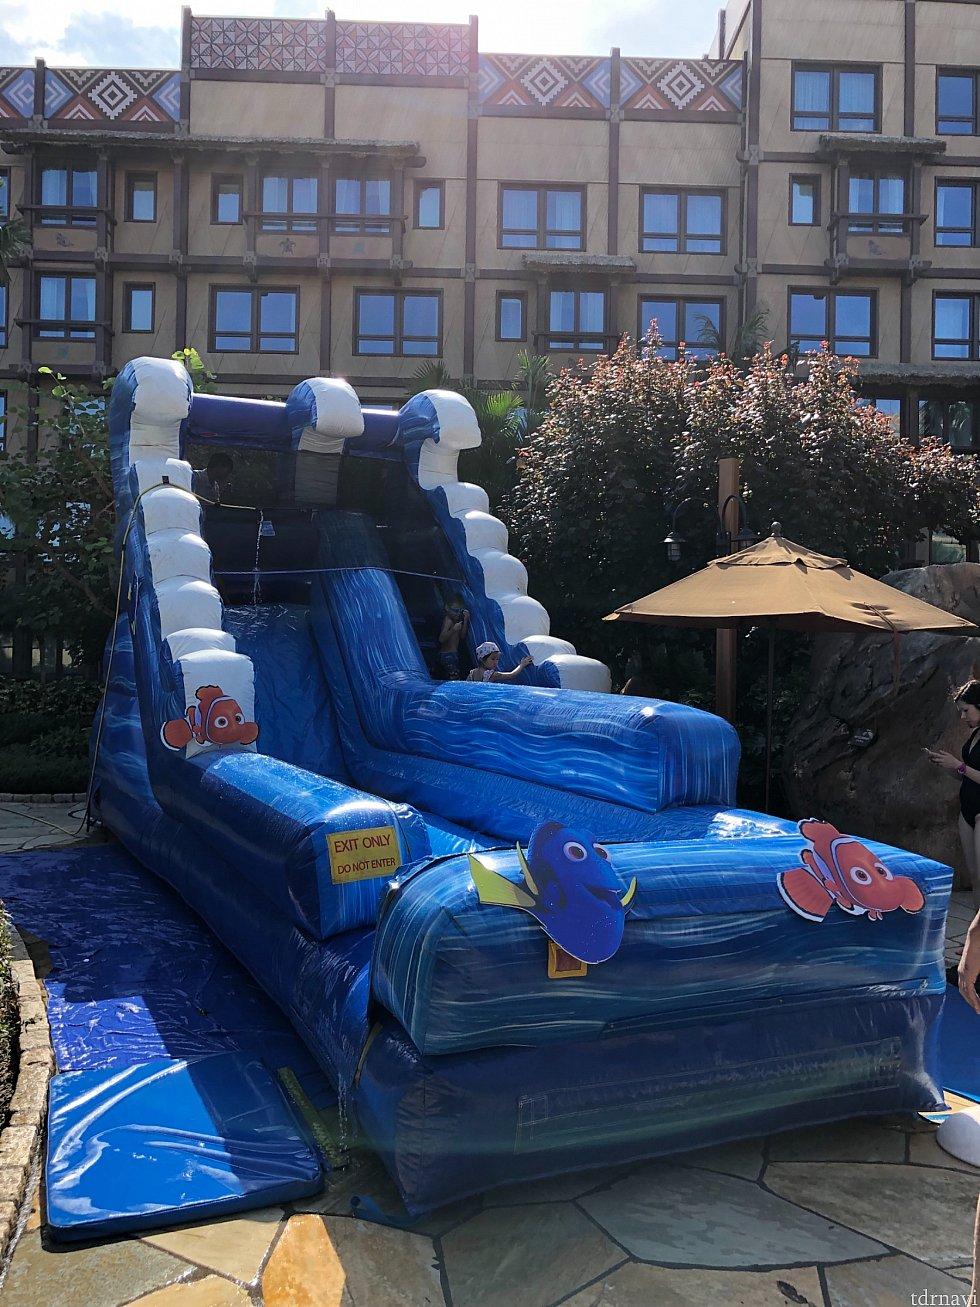 ロッジの15時からのアクティビティのニモのスライダーです。このスライダーはプールサイドにあってプールが使える宿泊者でないと遊べないかも…。